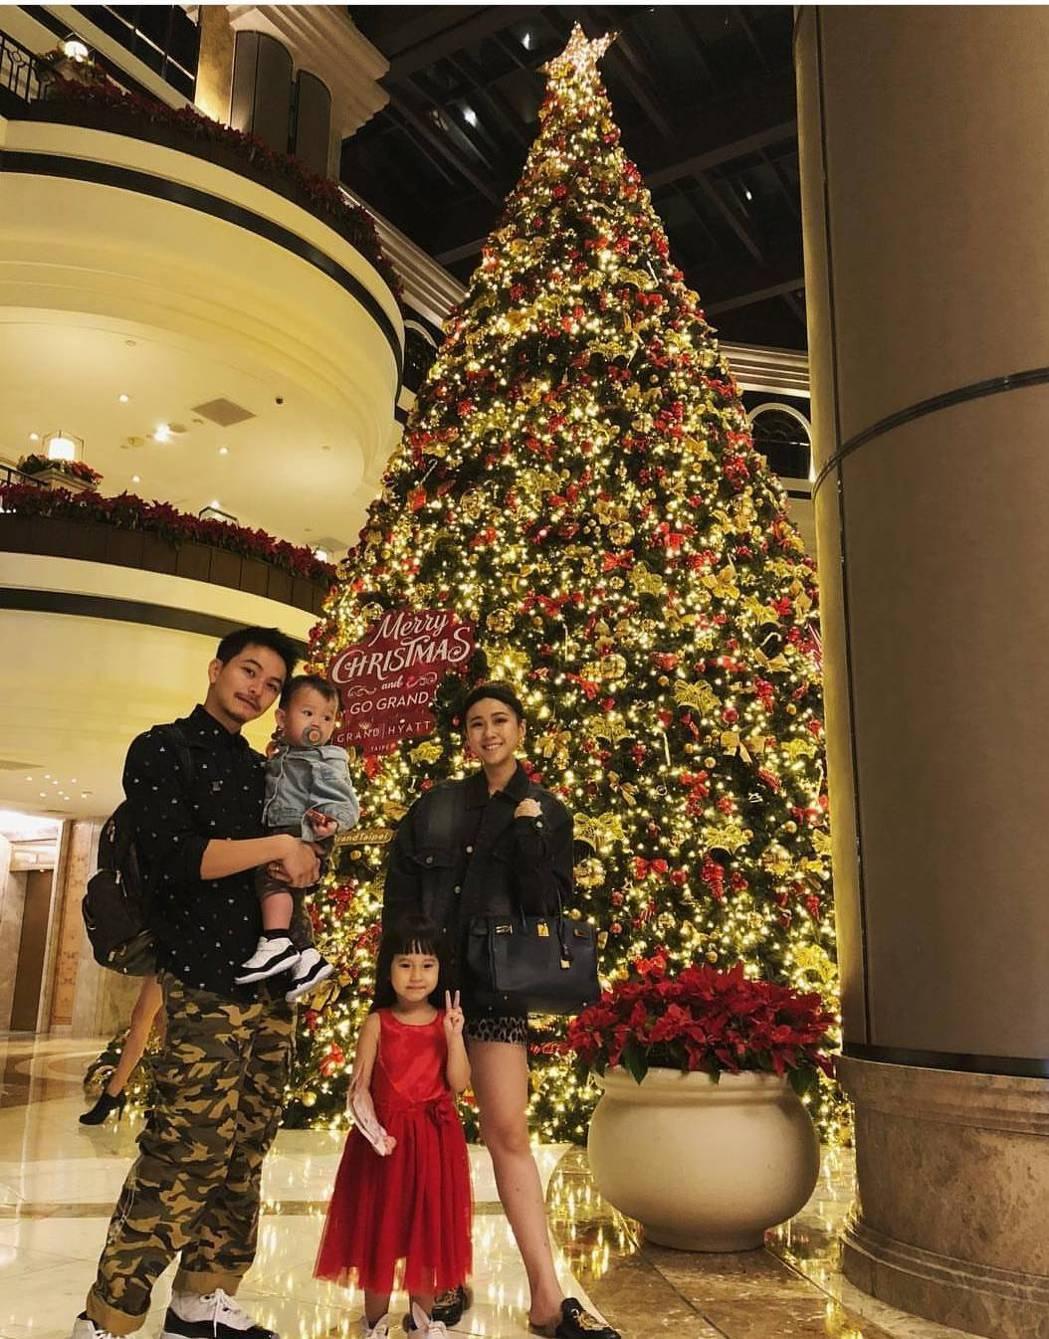 方志友與楊銘威一家人過耶誕。圖/摘自臉書